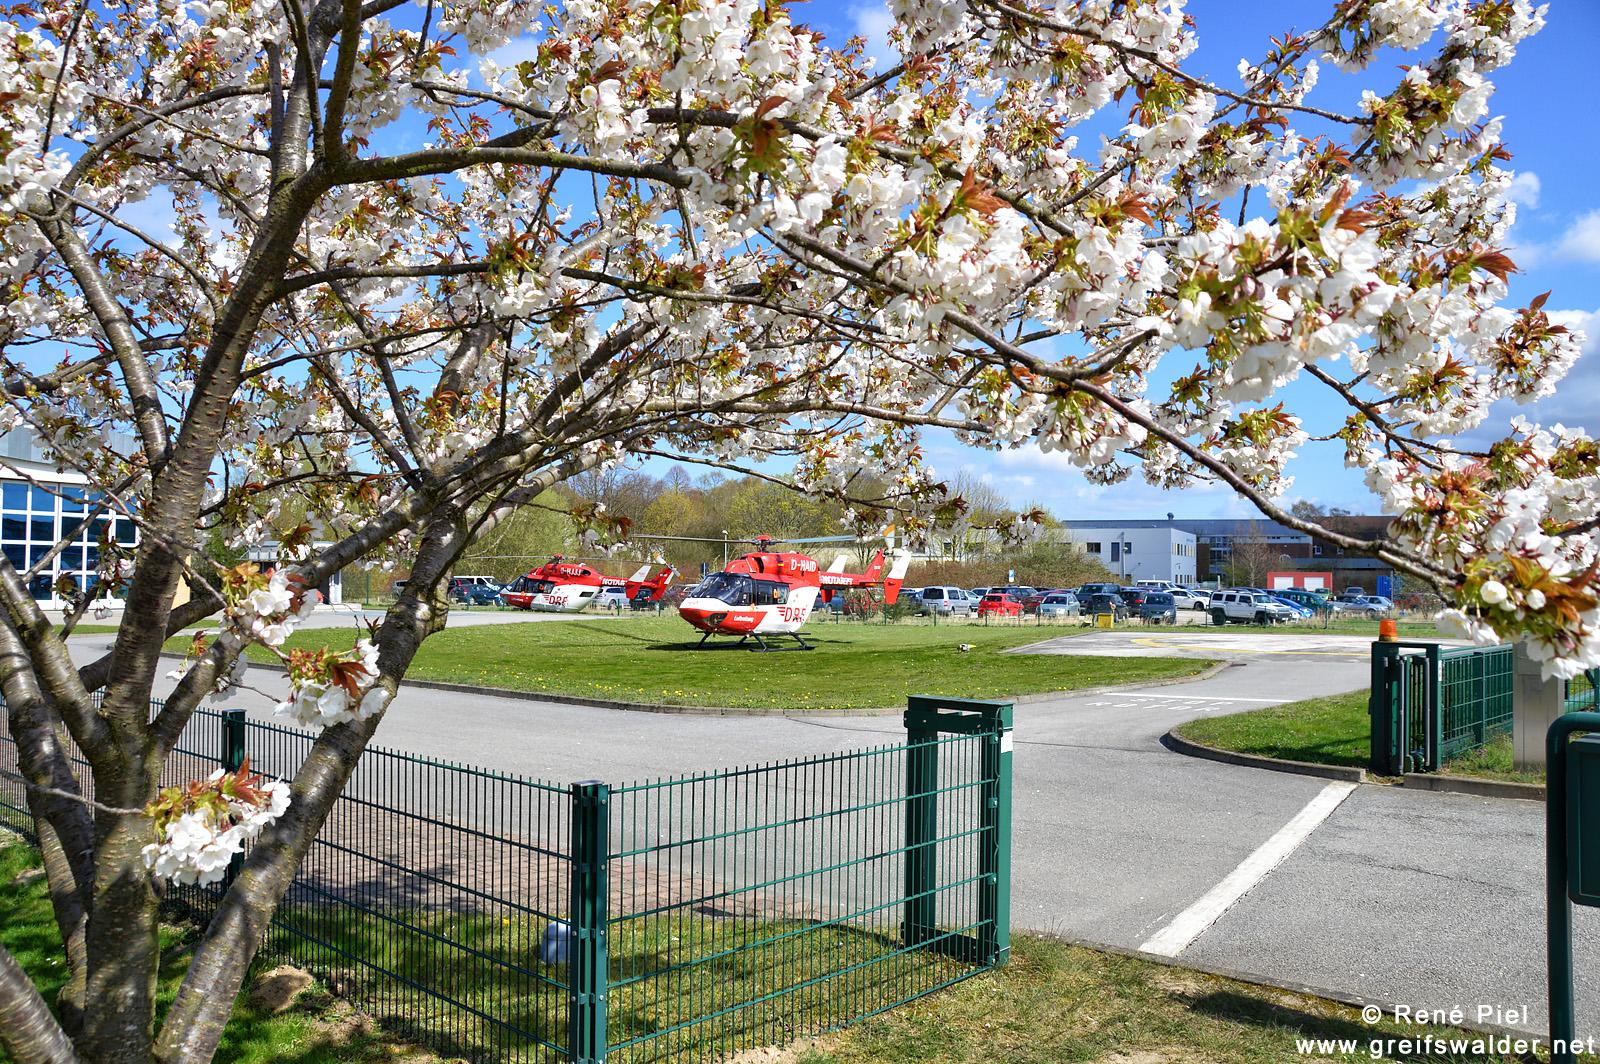 Rettungshubschrauber am Klinikum in Greifswald